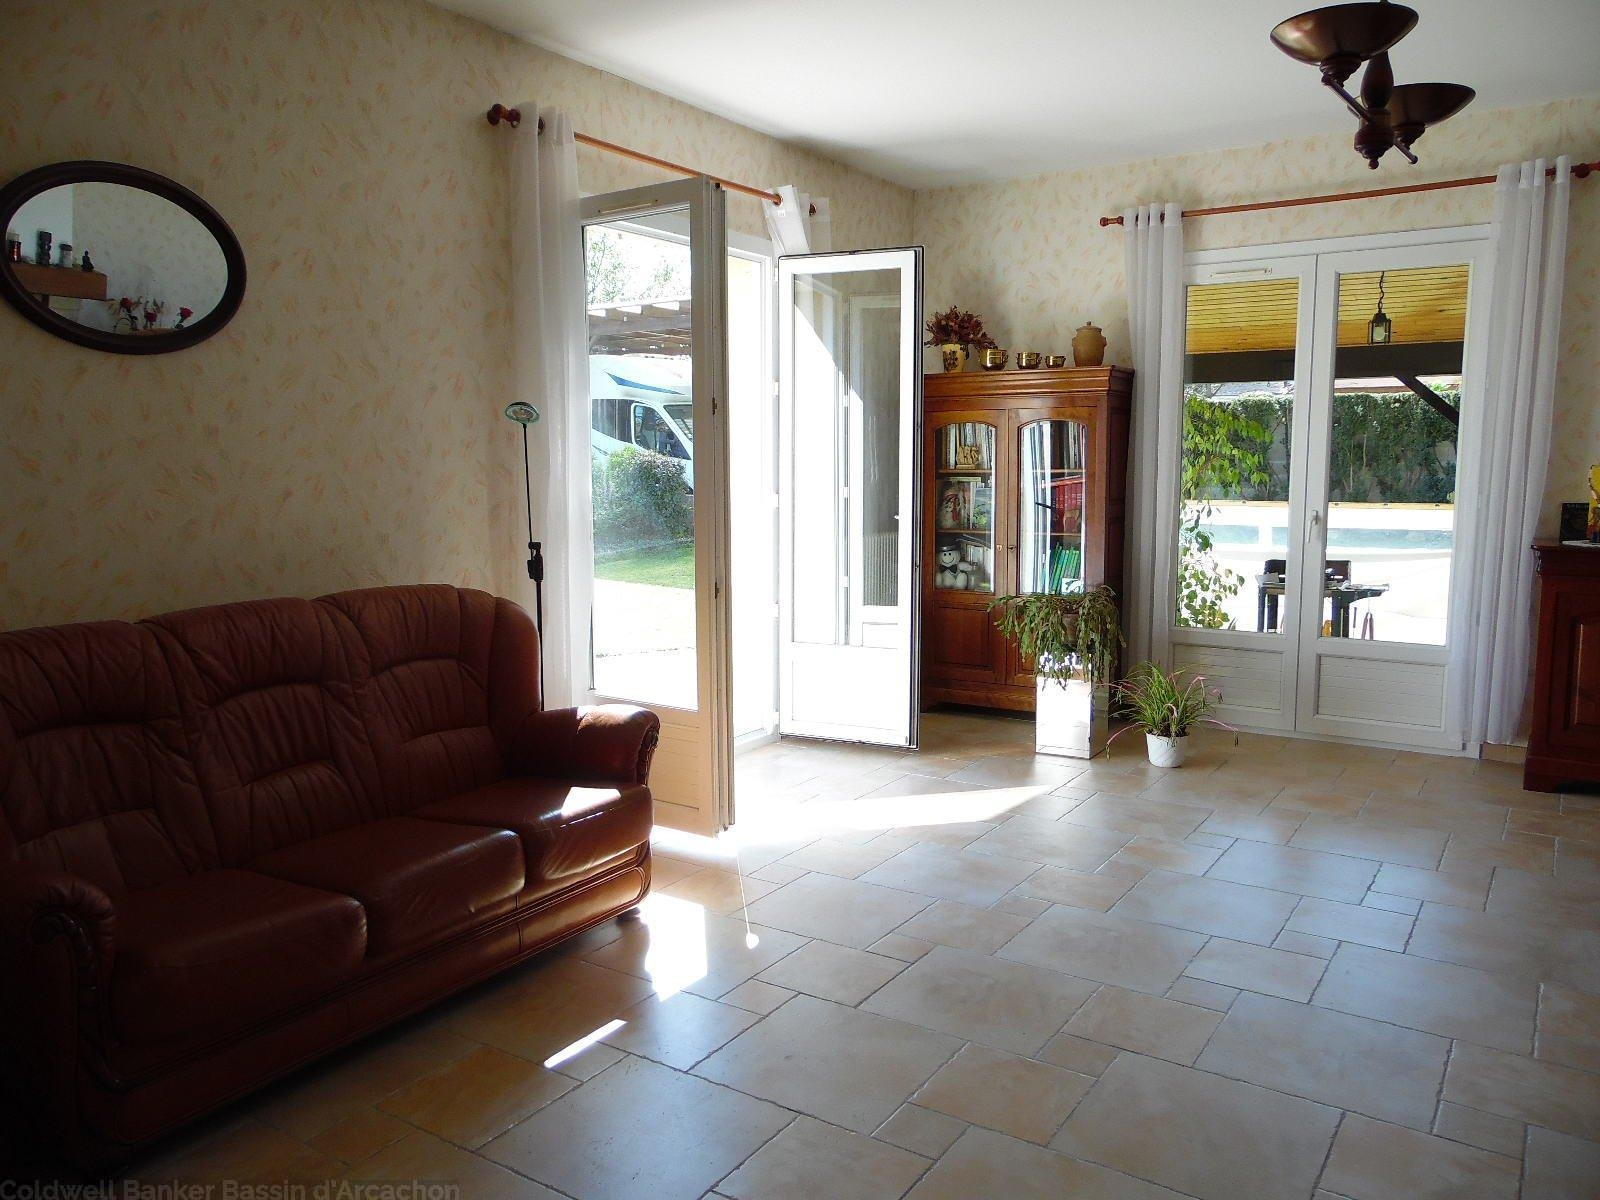 vente maison villa bordeaux pessac maison de pain pied au centre de pessac au calme 5. Black Bedroom Furniture Sets. Home Design Ideas